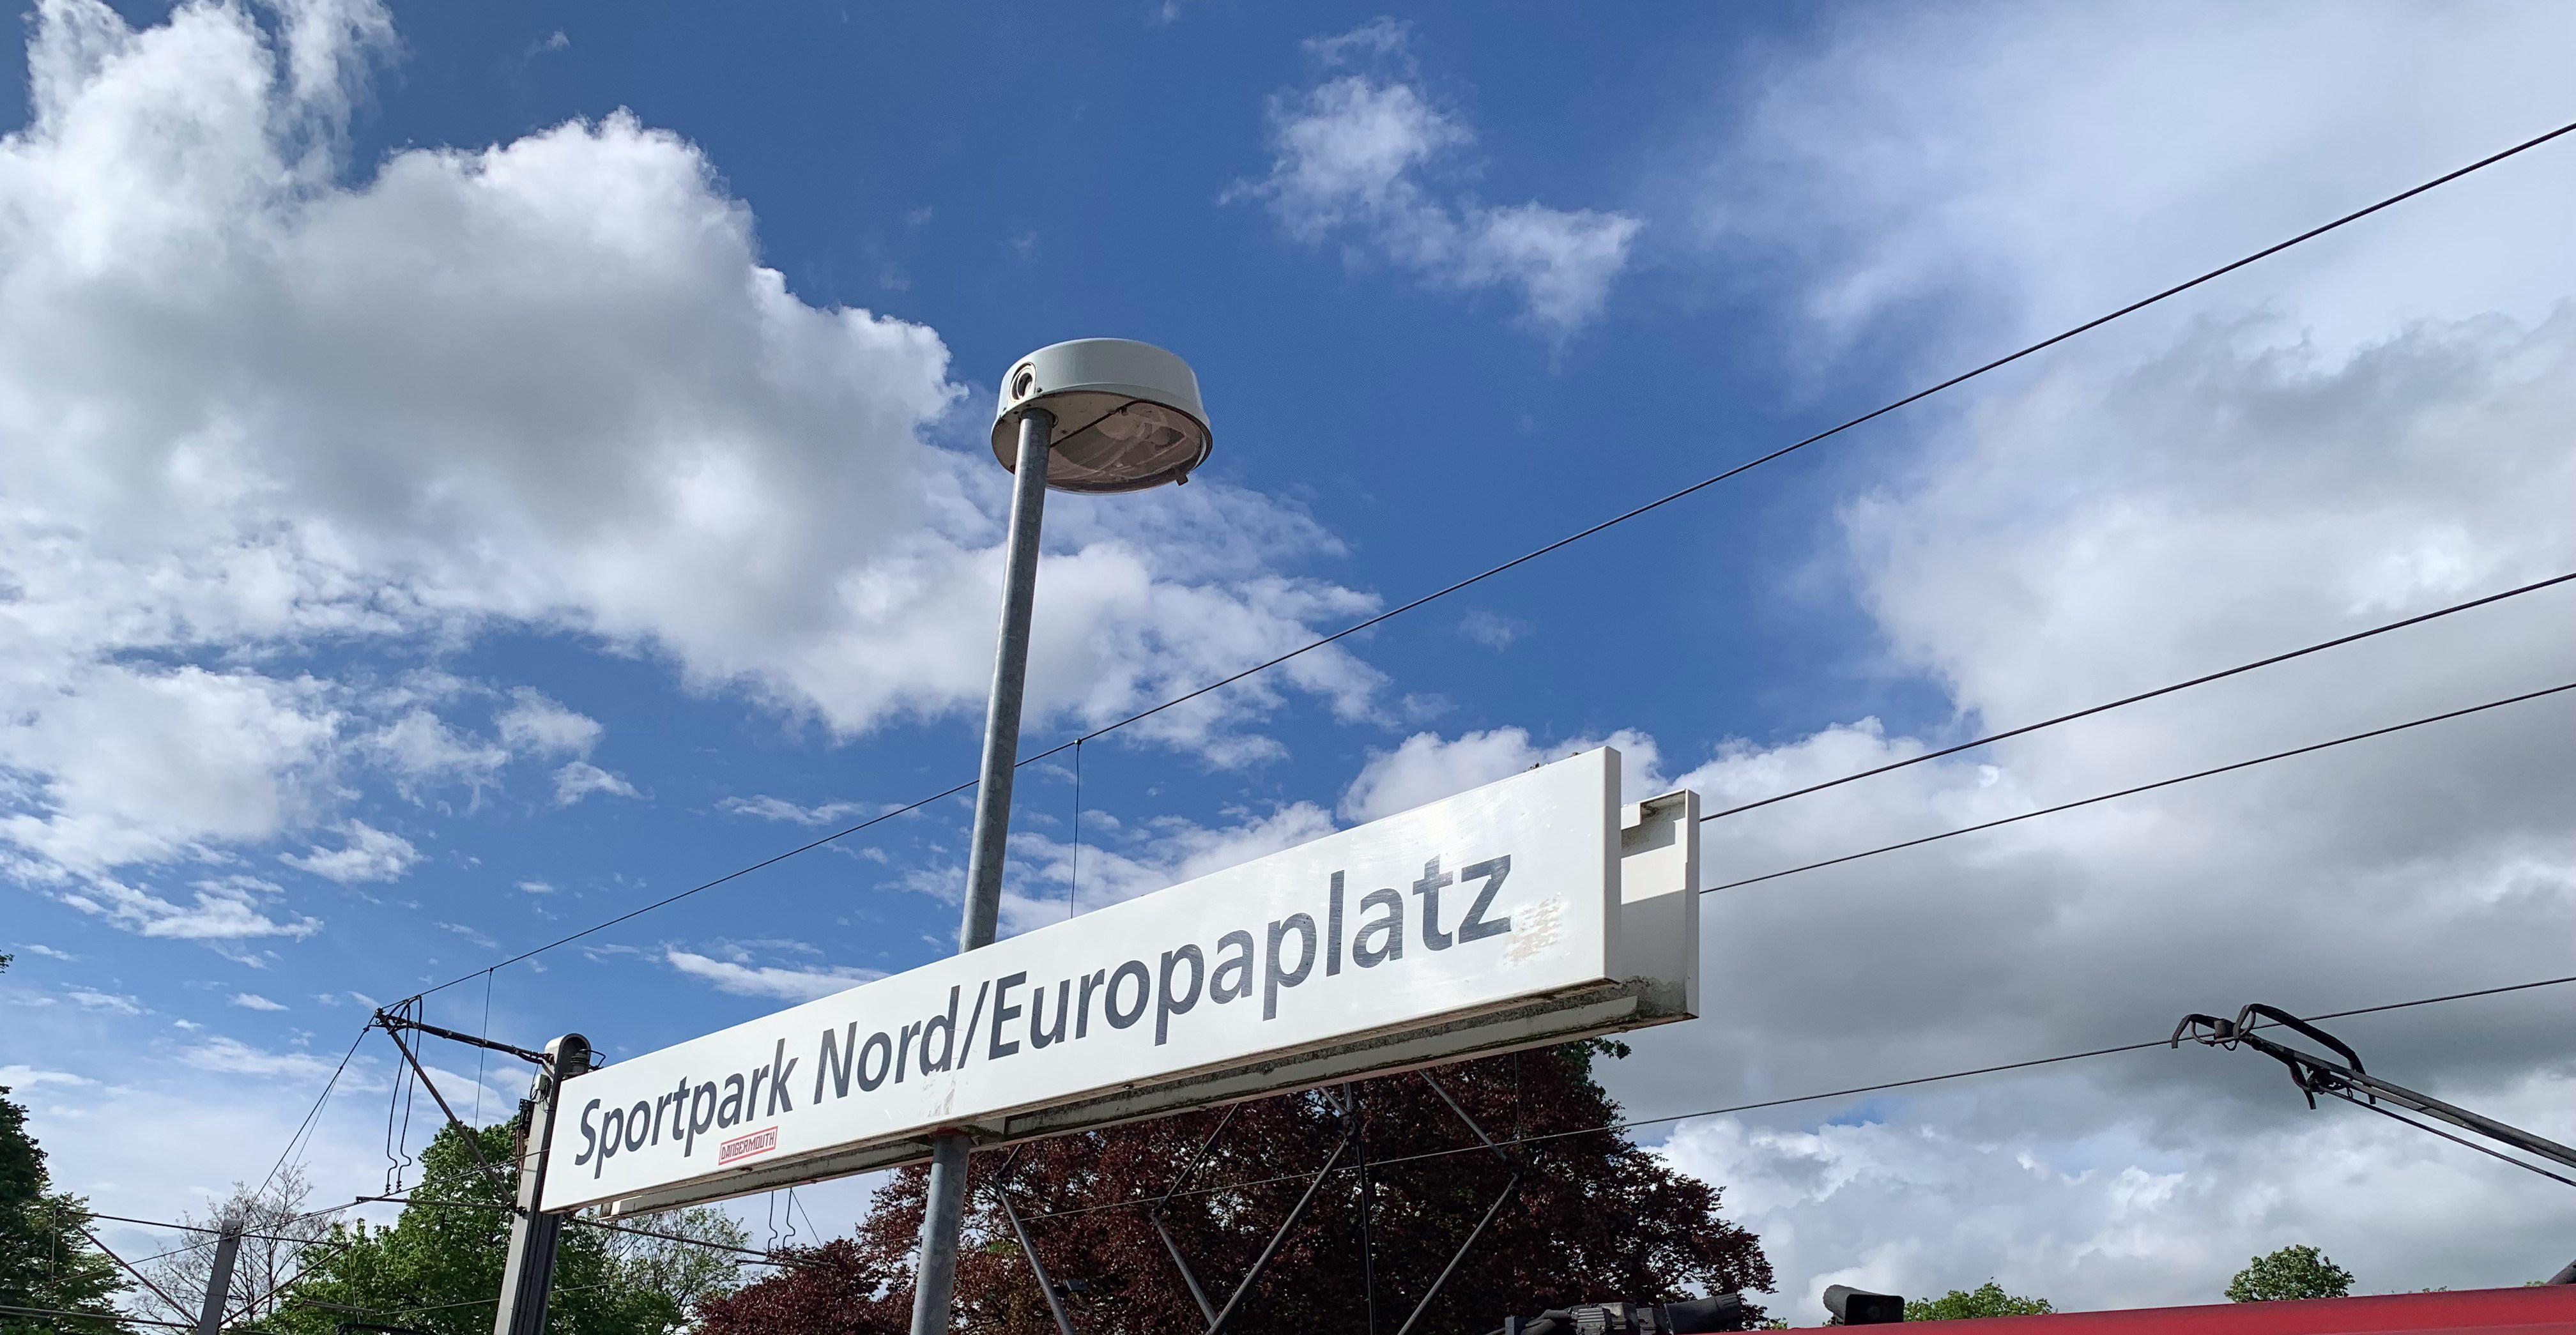 Schild im Vordergrund mit der Aufschrift: Sportpark Nord/Europaplatz